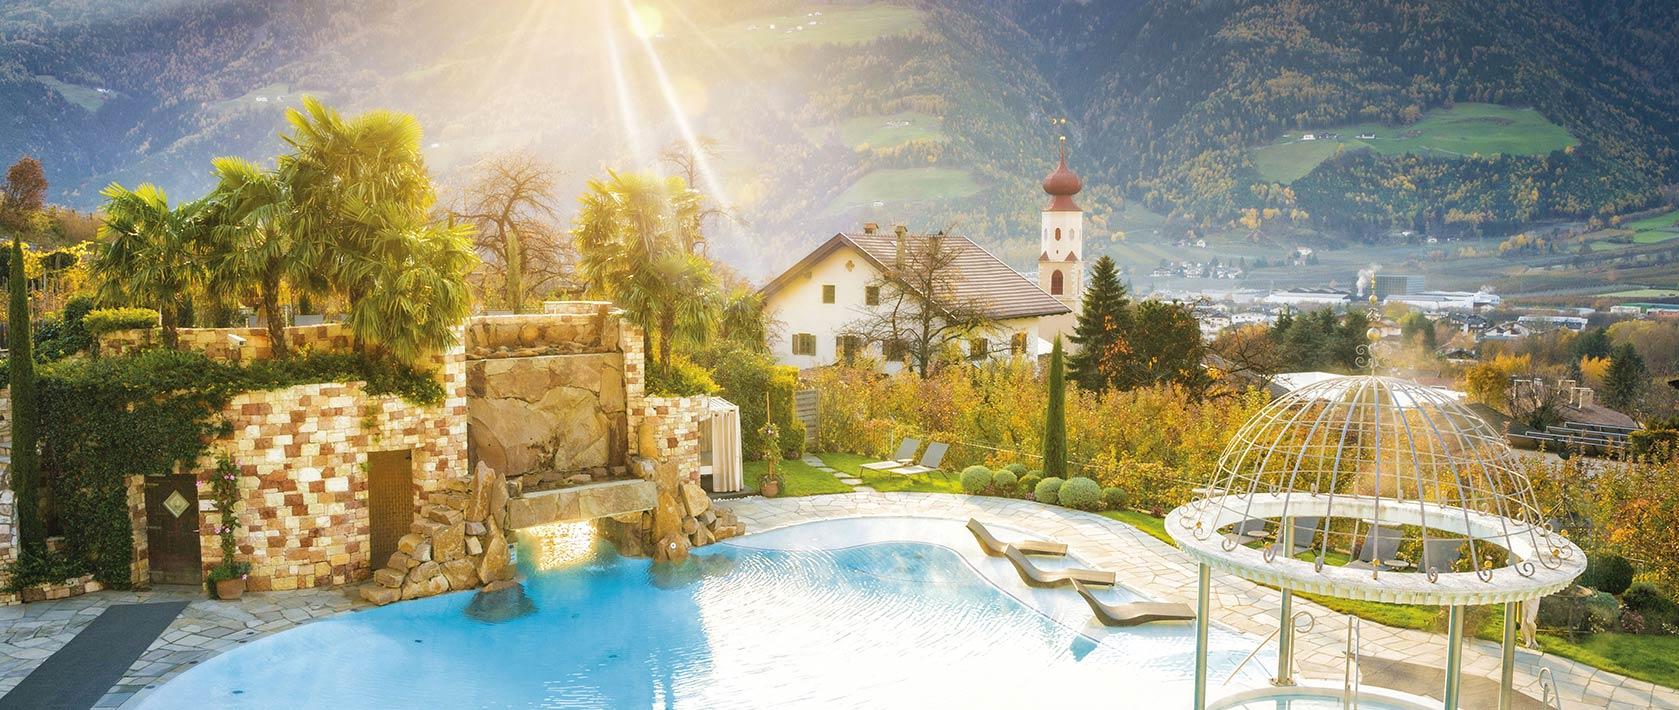 Romantischer Garten im Preidlhof